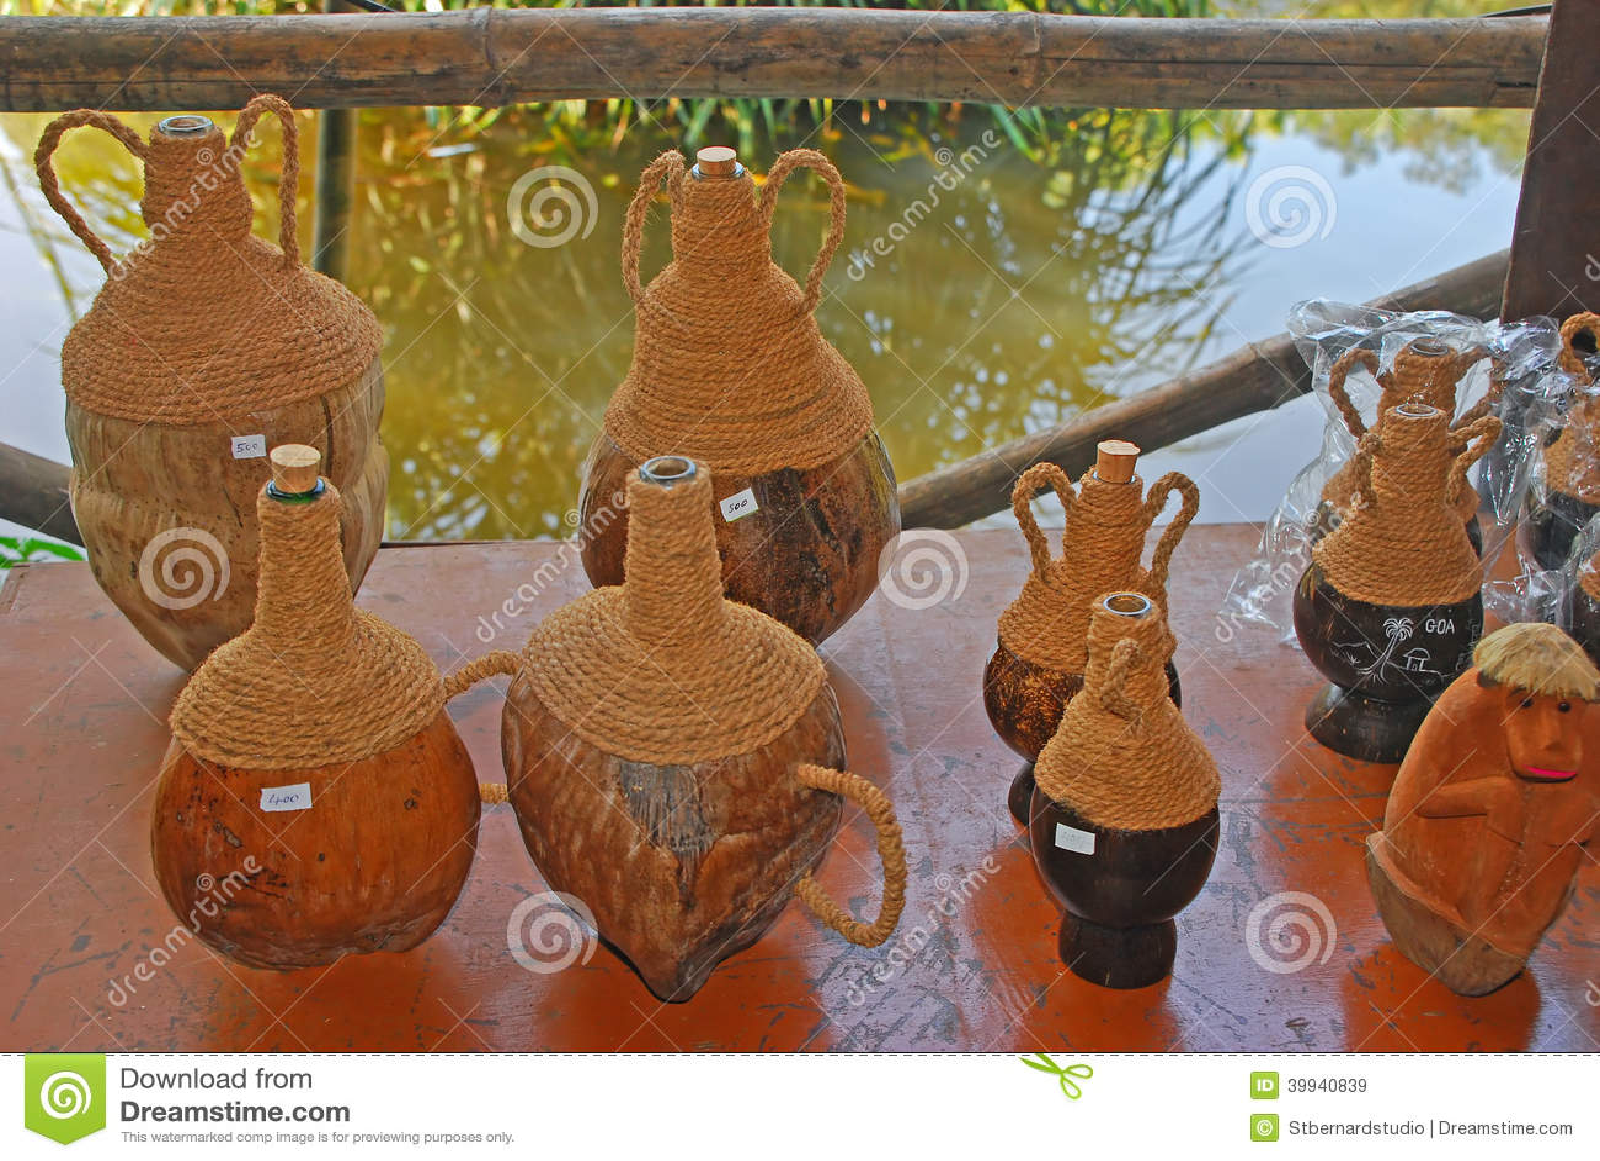 Kokosnoot Shell Souvenir